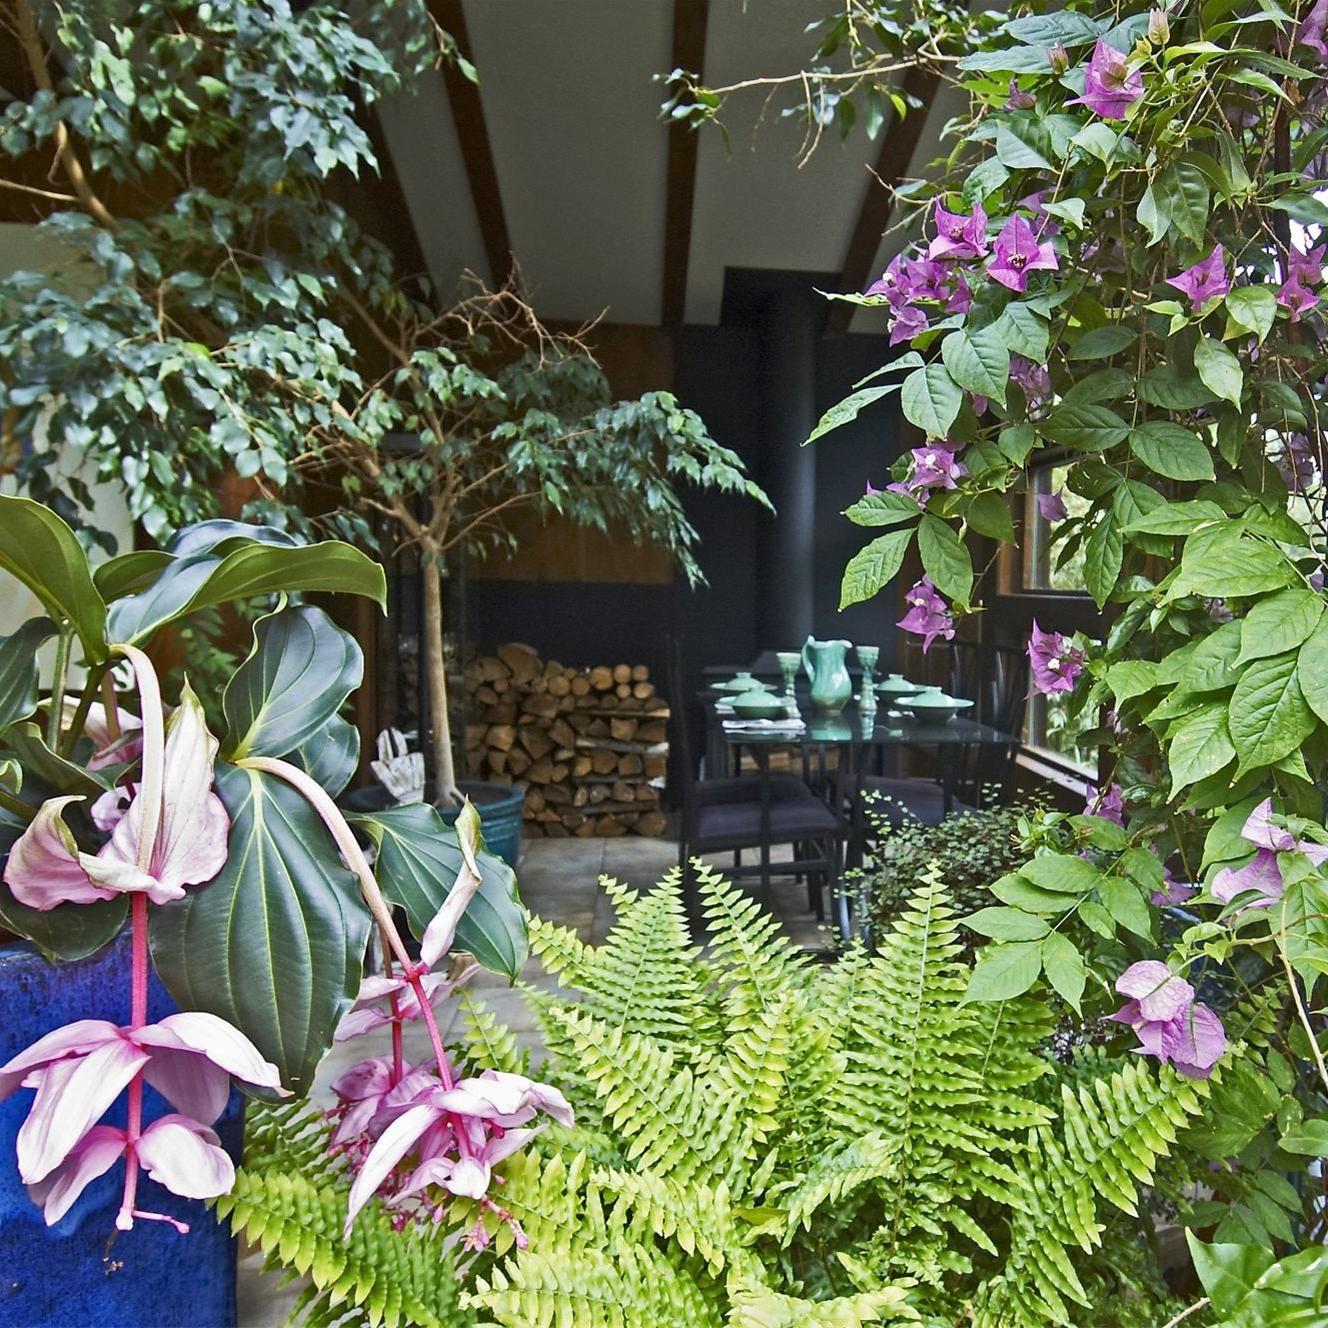 Foto: Dan Rosenholm, 3 gröna rum är restaurangen och caféet som hör till visningsträdgården Villa Fraxinus.